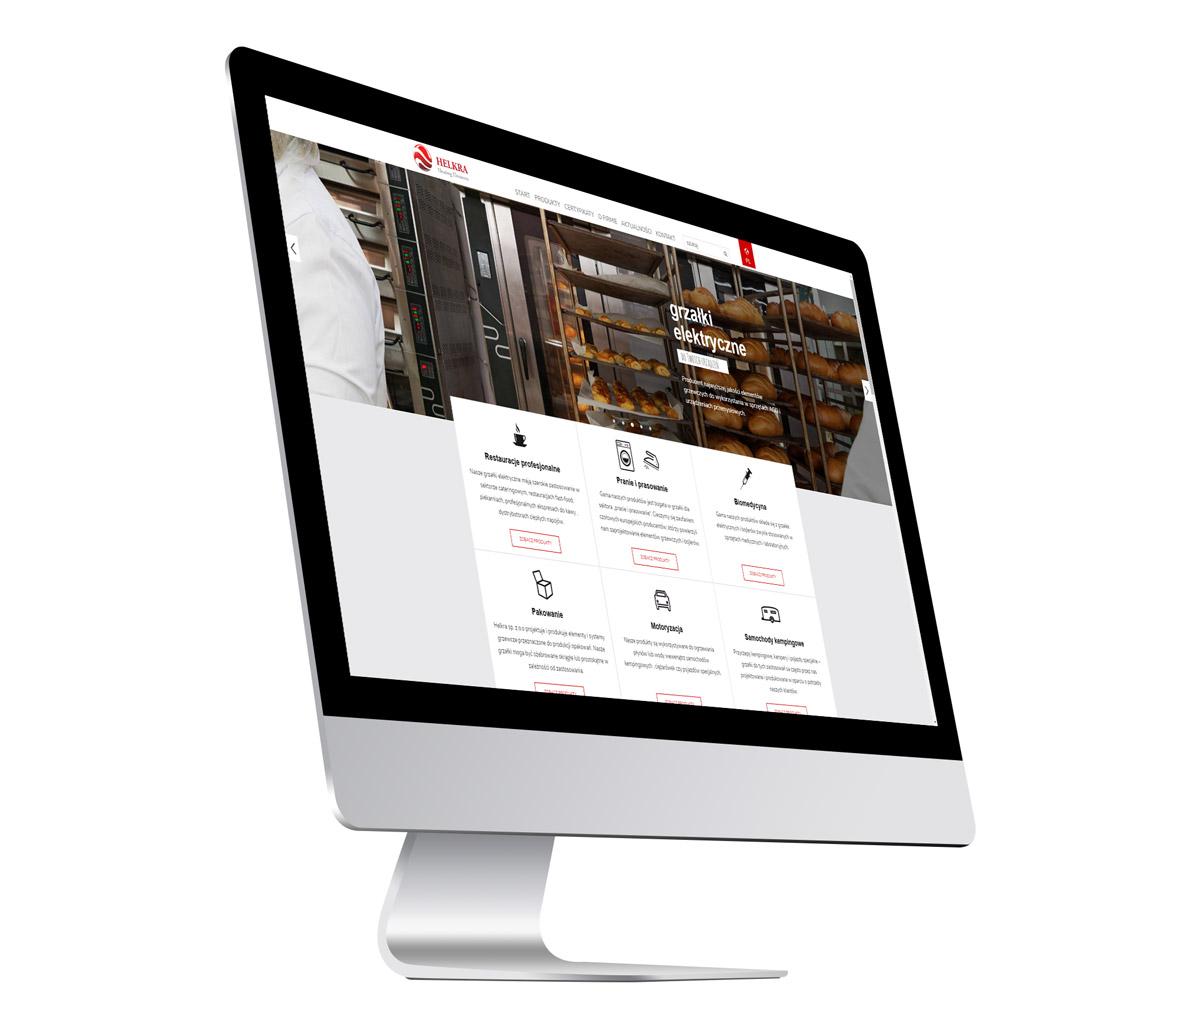 Helkra - strona internetowa producenta grzałek elektrycznych - wizualizacja strony głównej